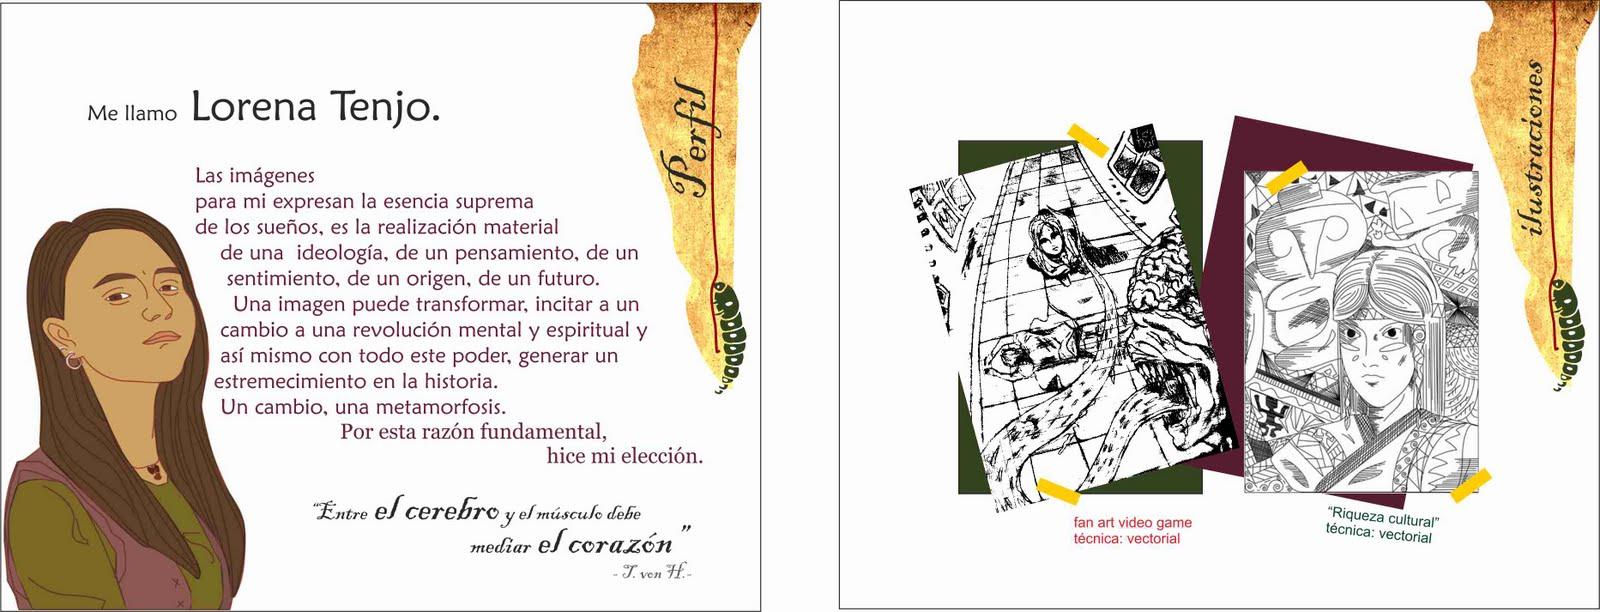 Lorenatenjo portafolio for Portafolio de diseno grafico pdf